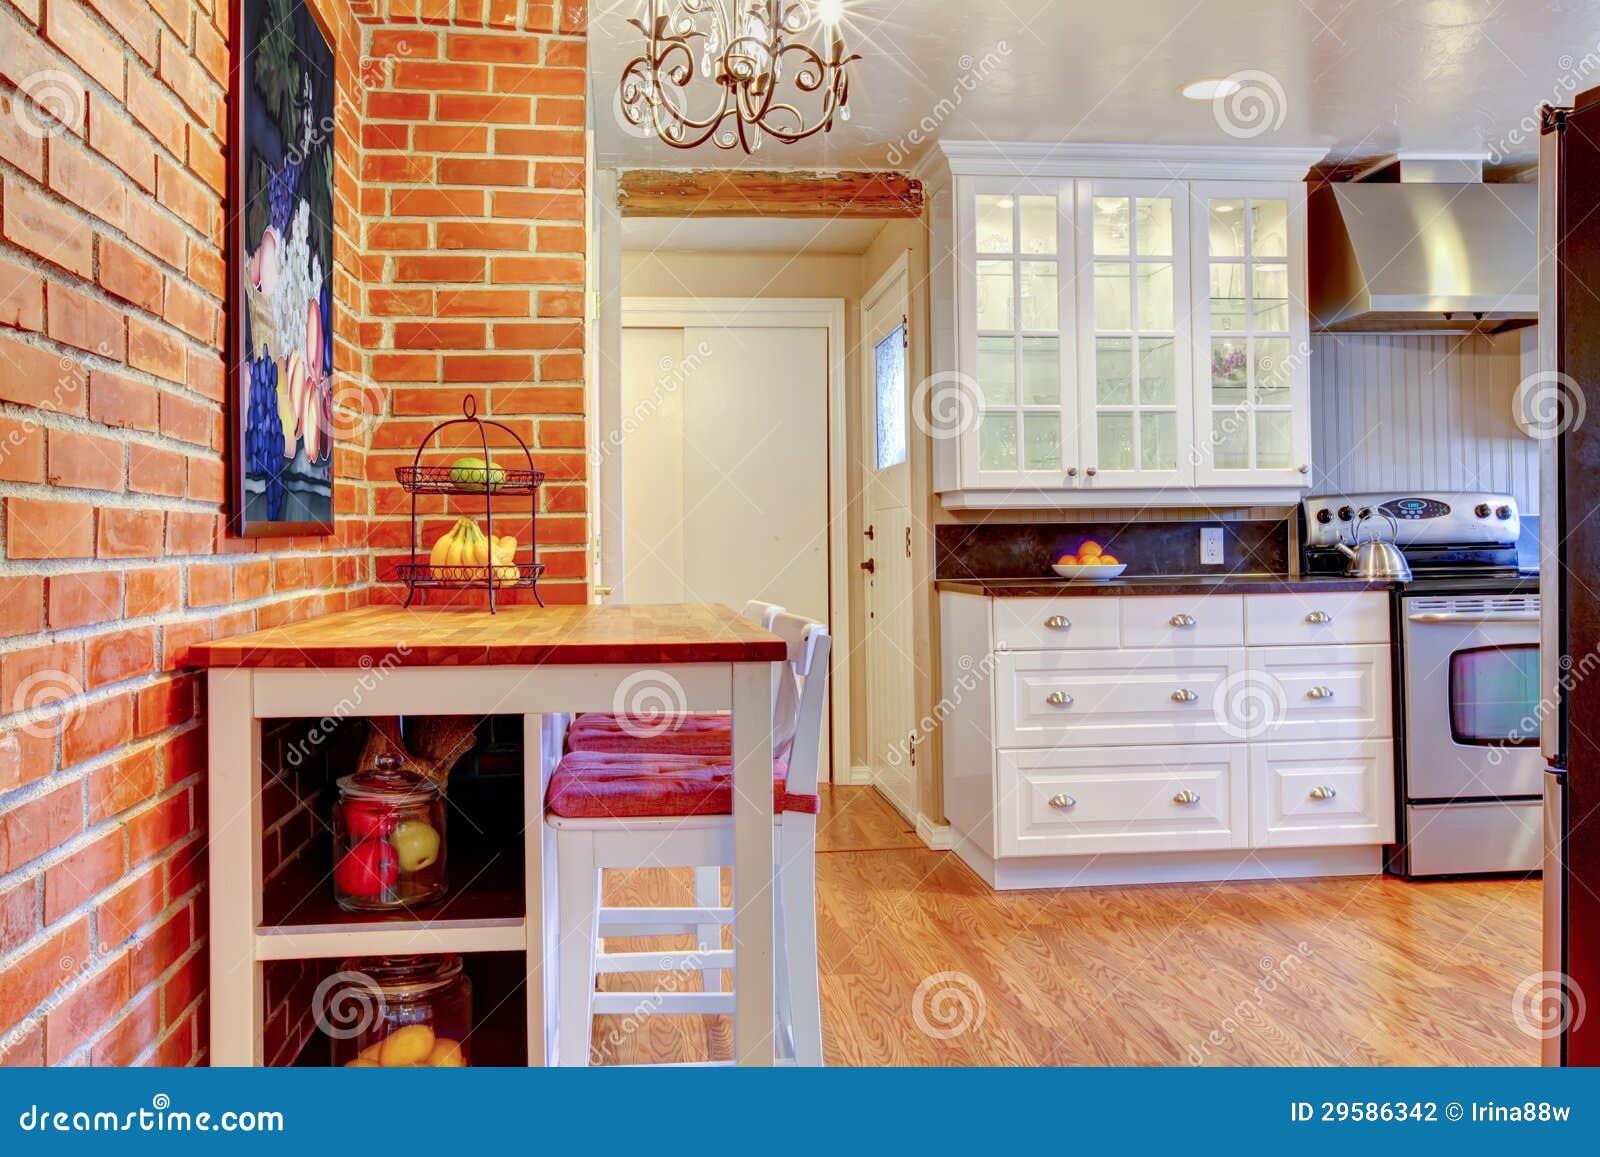 Cucina Con Il Muro Di Mattoni Fotografia Stock - Immagine di ...